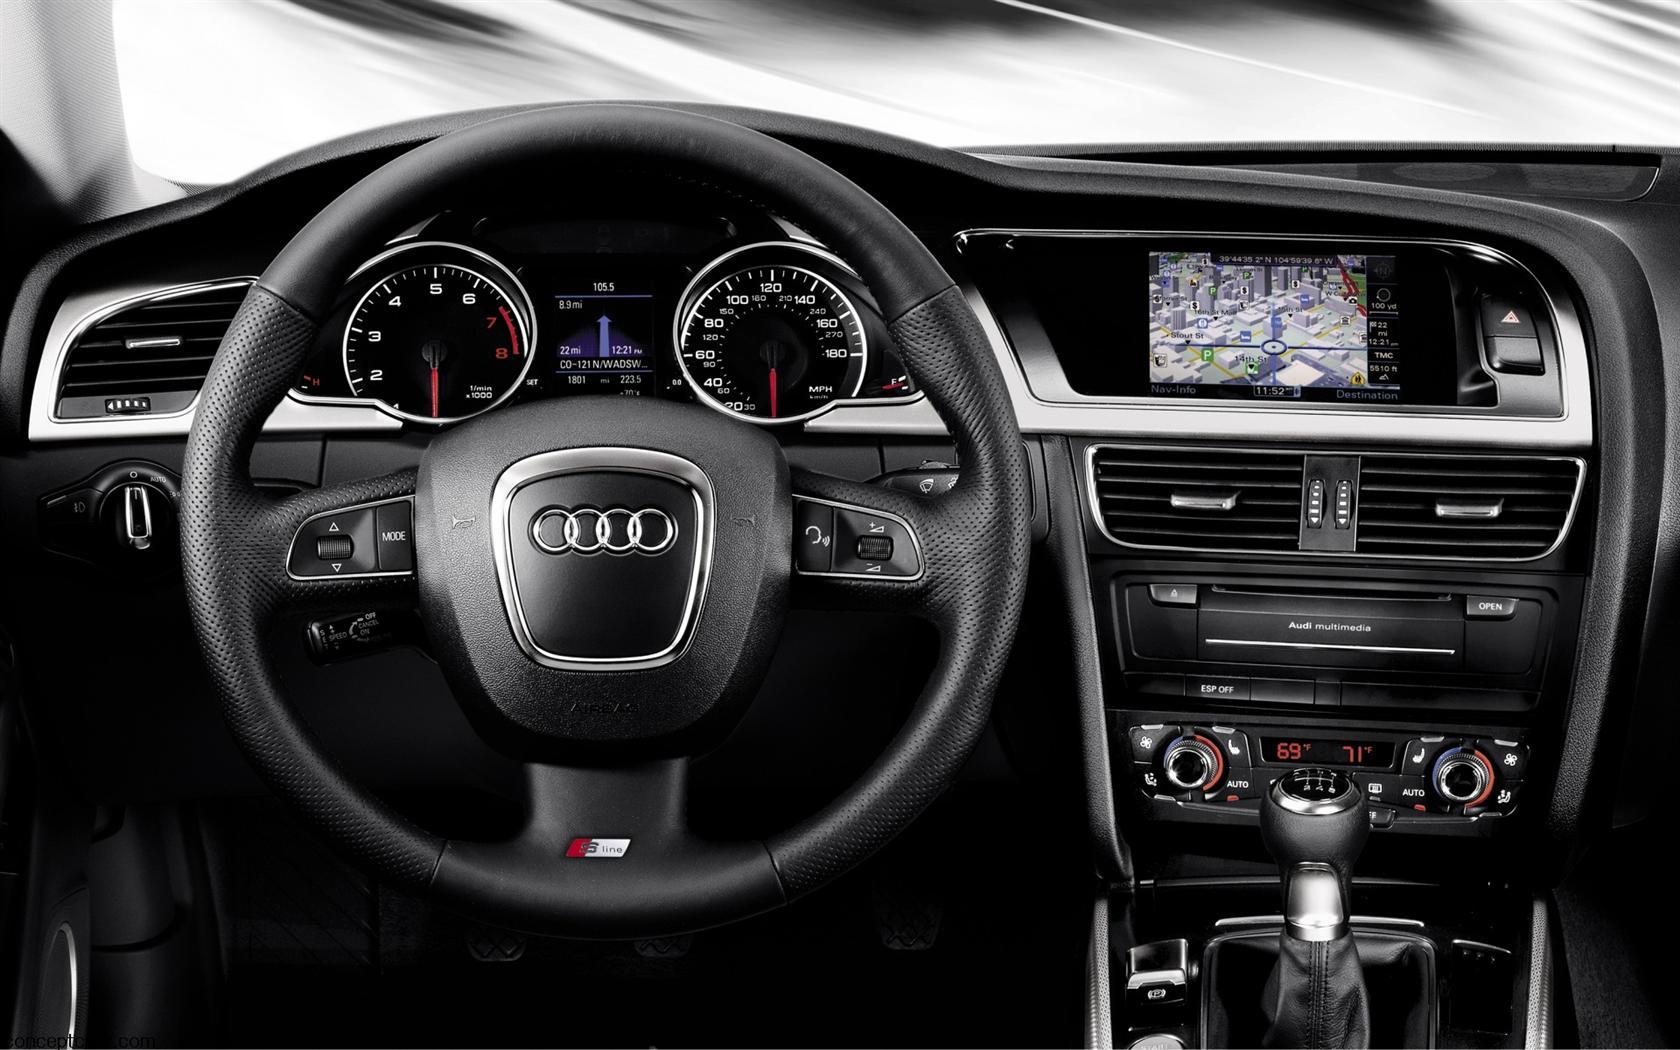 2011 Audi S5 Images Photo Audi S4 Image I0001 1680 Jpg